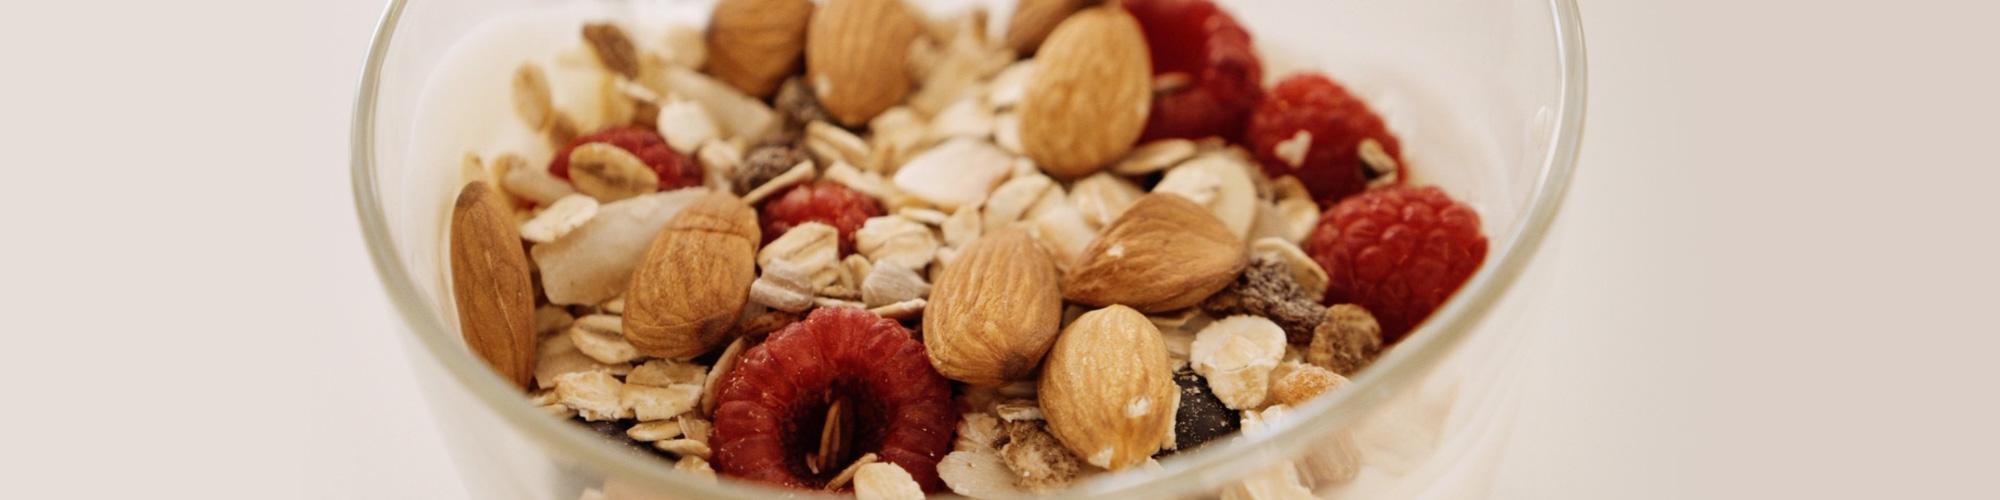 Hoe en waarom superfoods je wél kunnen helpen